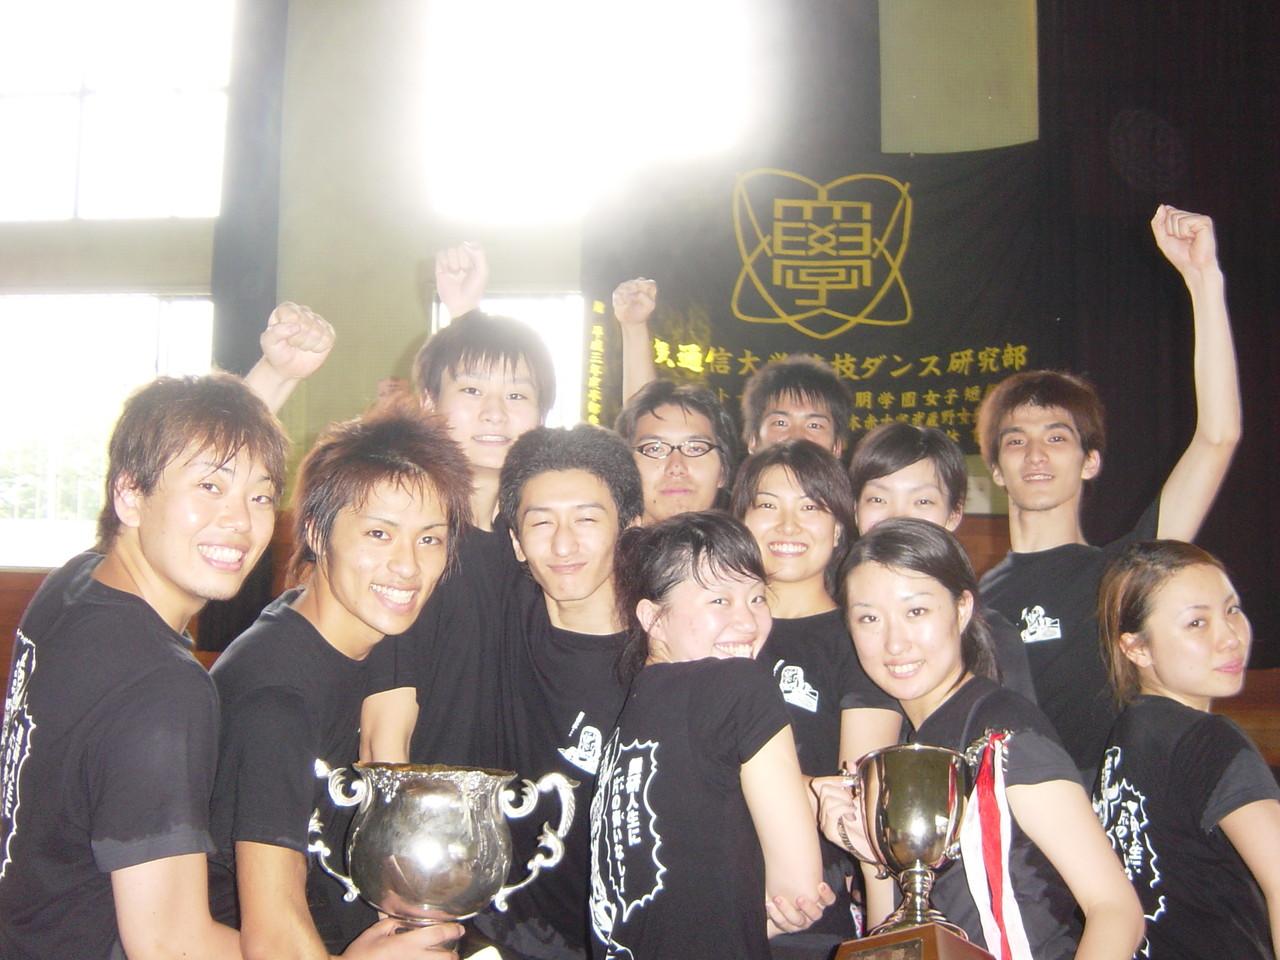 2005年 夏合宿にて部活の同期の仲間と